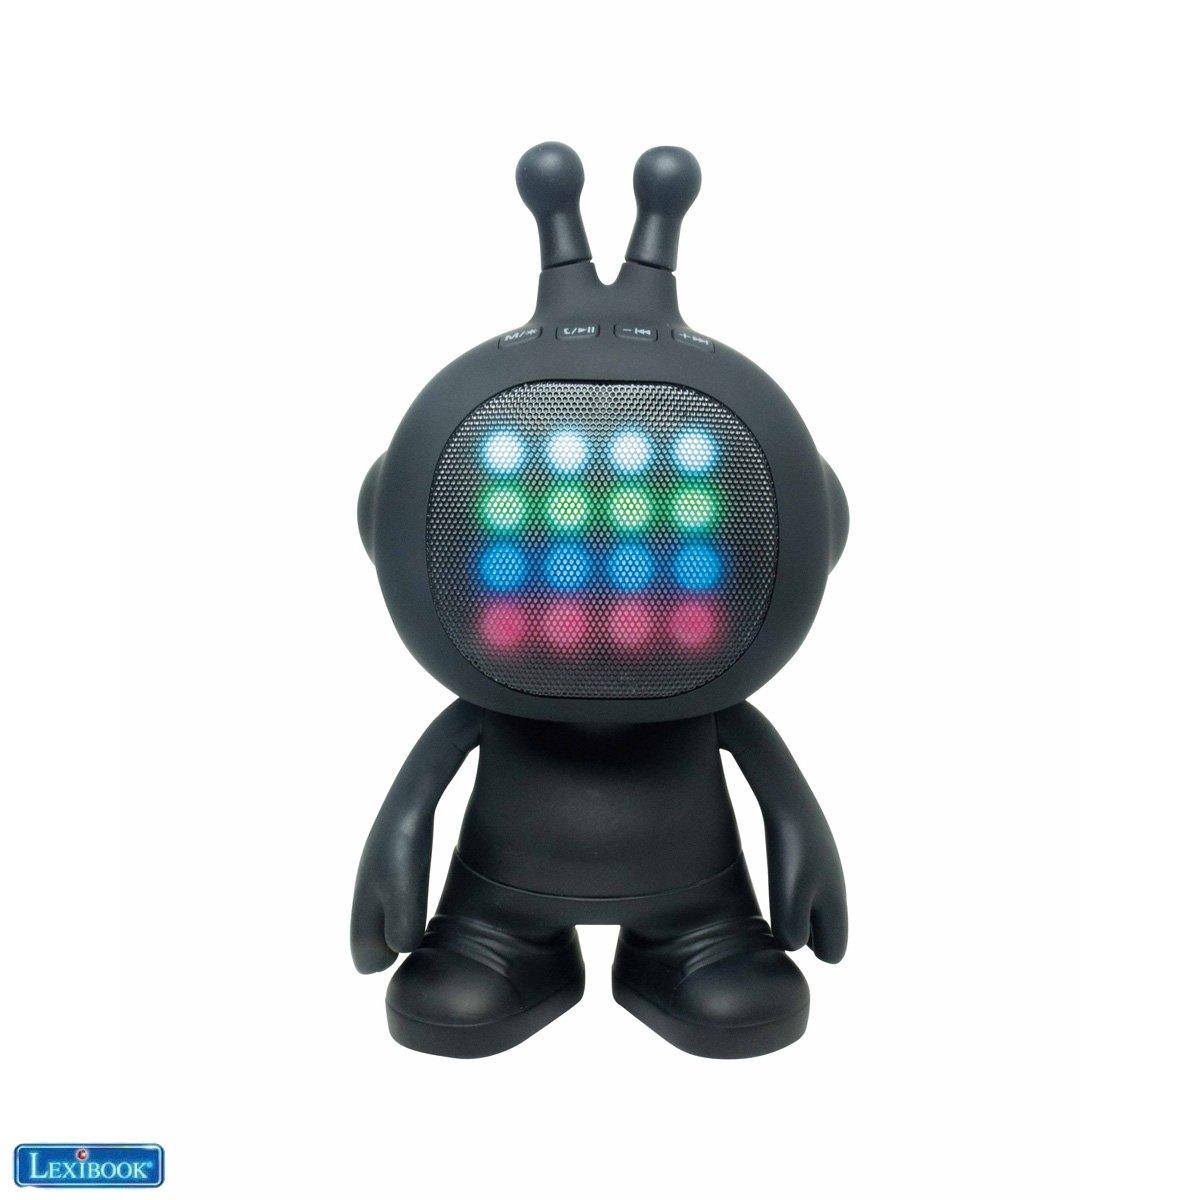 Lexibook - Robot Shape Speaker TWS/Stereo with lights, rubber finish (BTLS300)